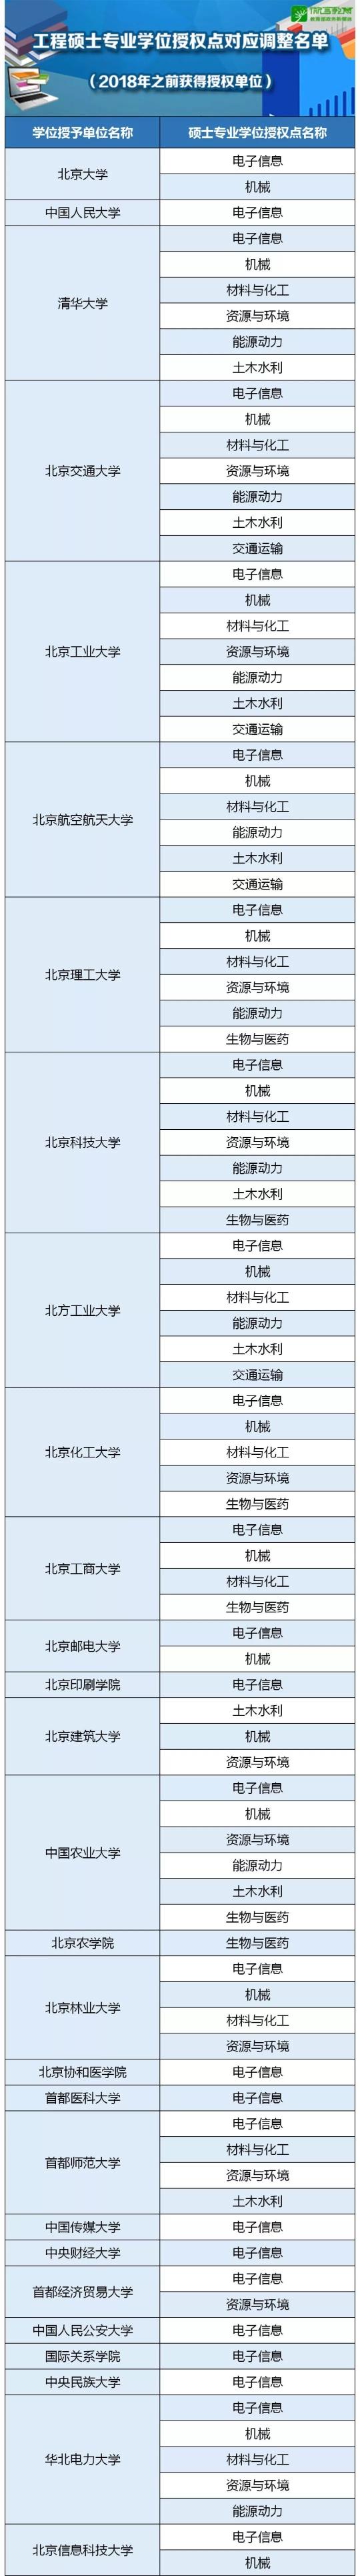 工程硕士博士学位授权点调整 涉及浙江这些高校...